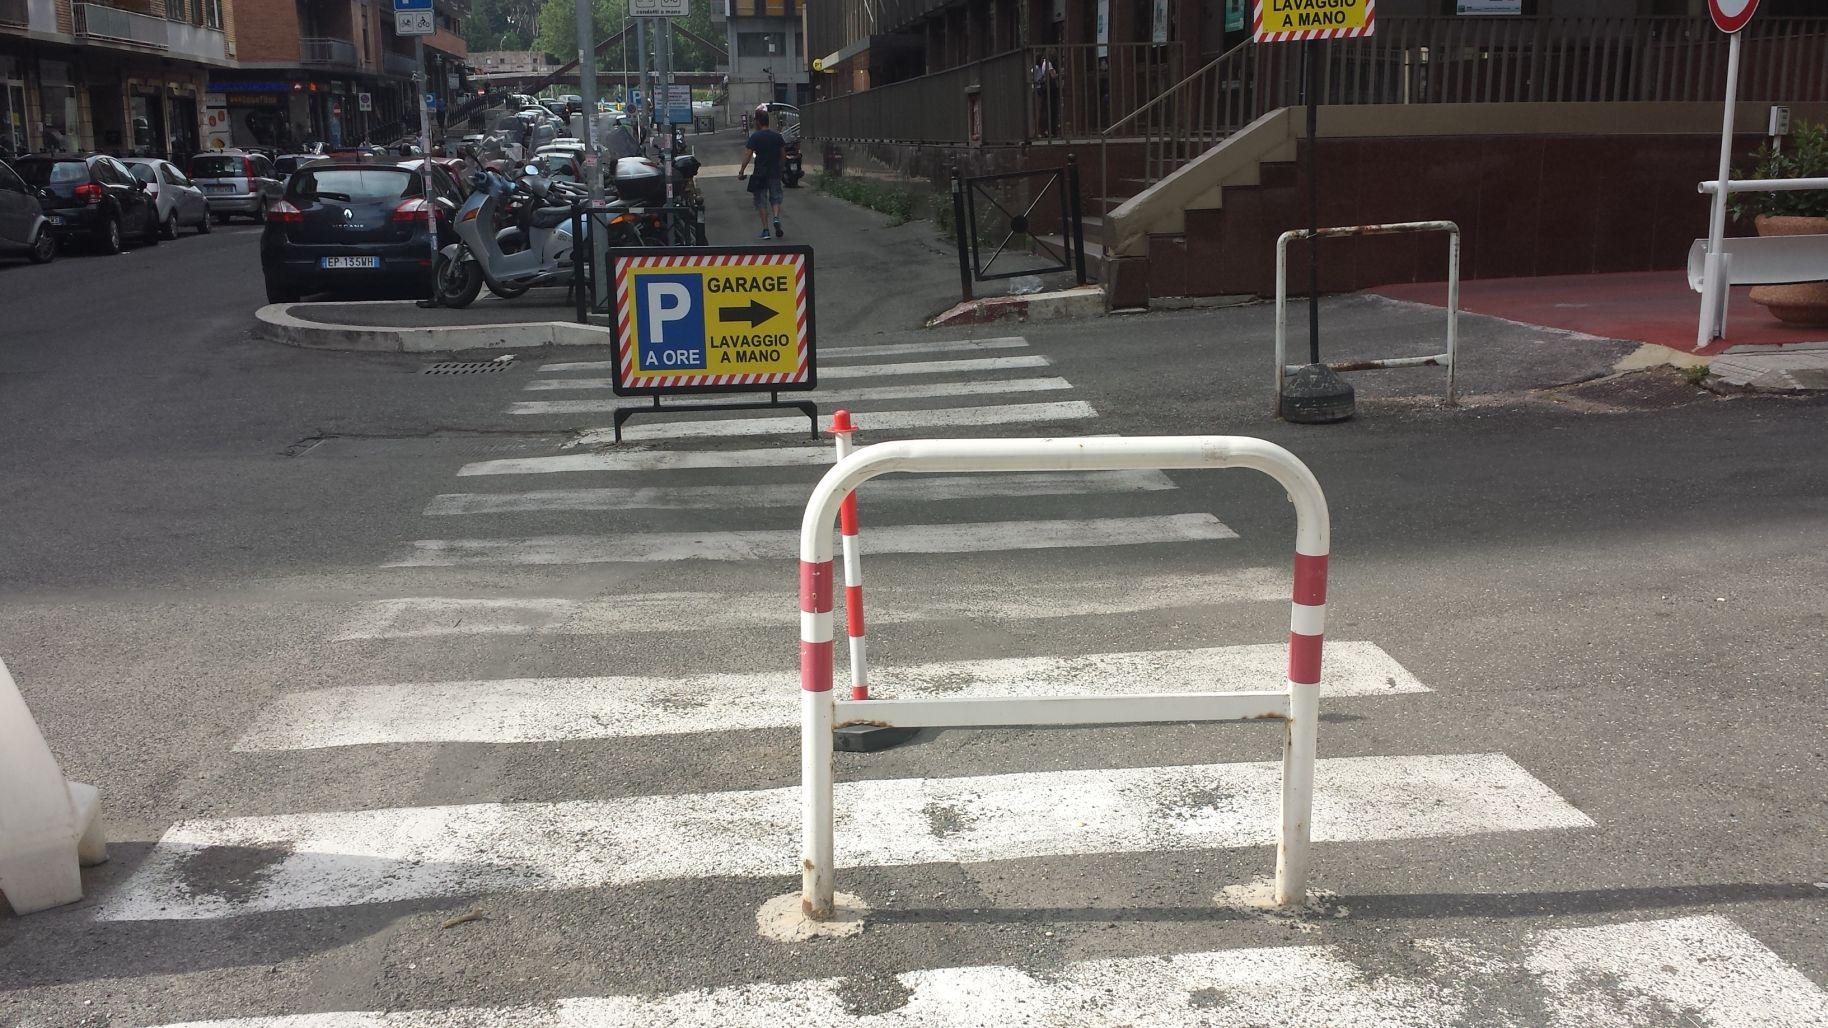 Usodimare via cartellone sulle strisce 2